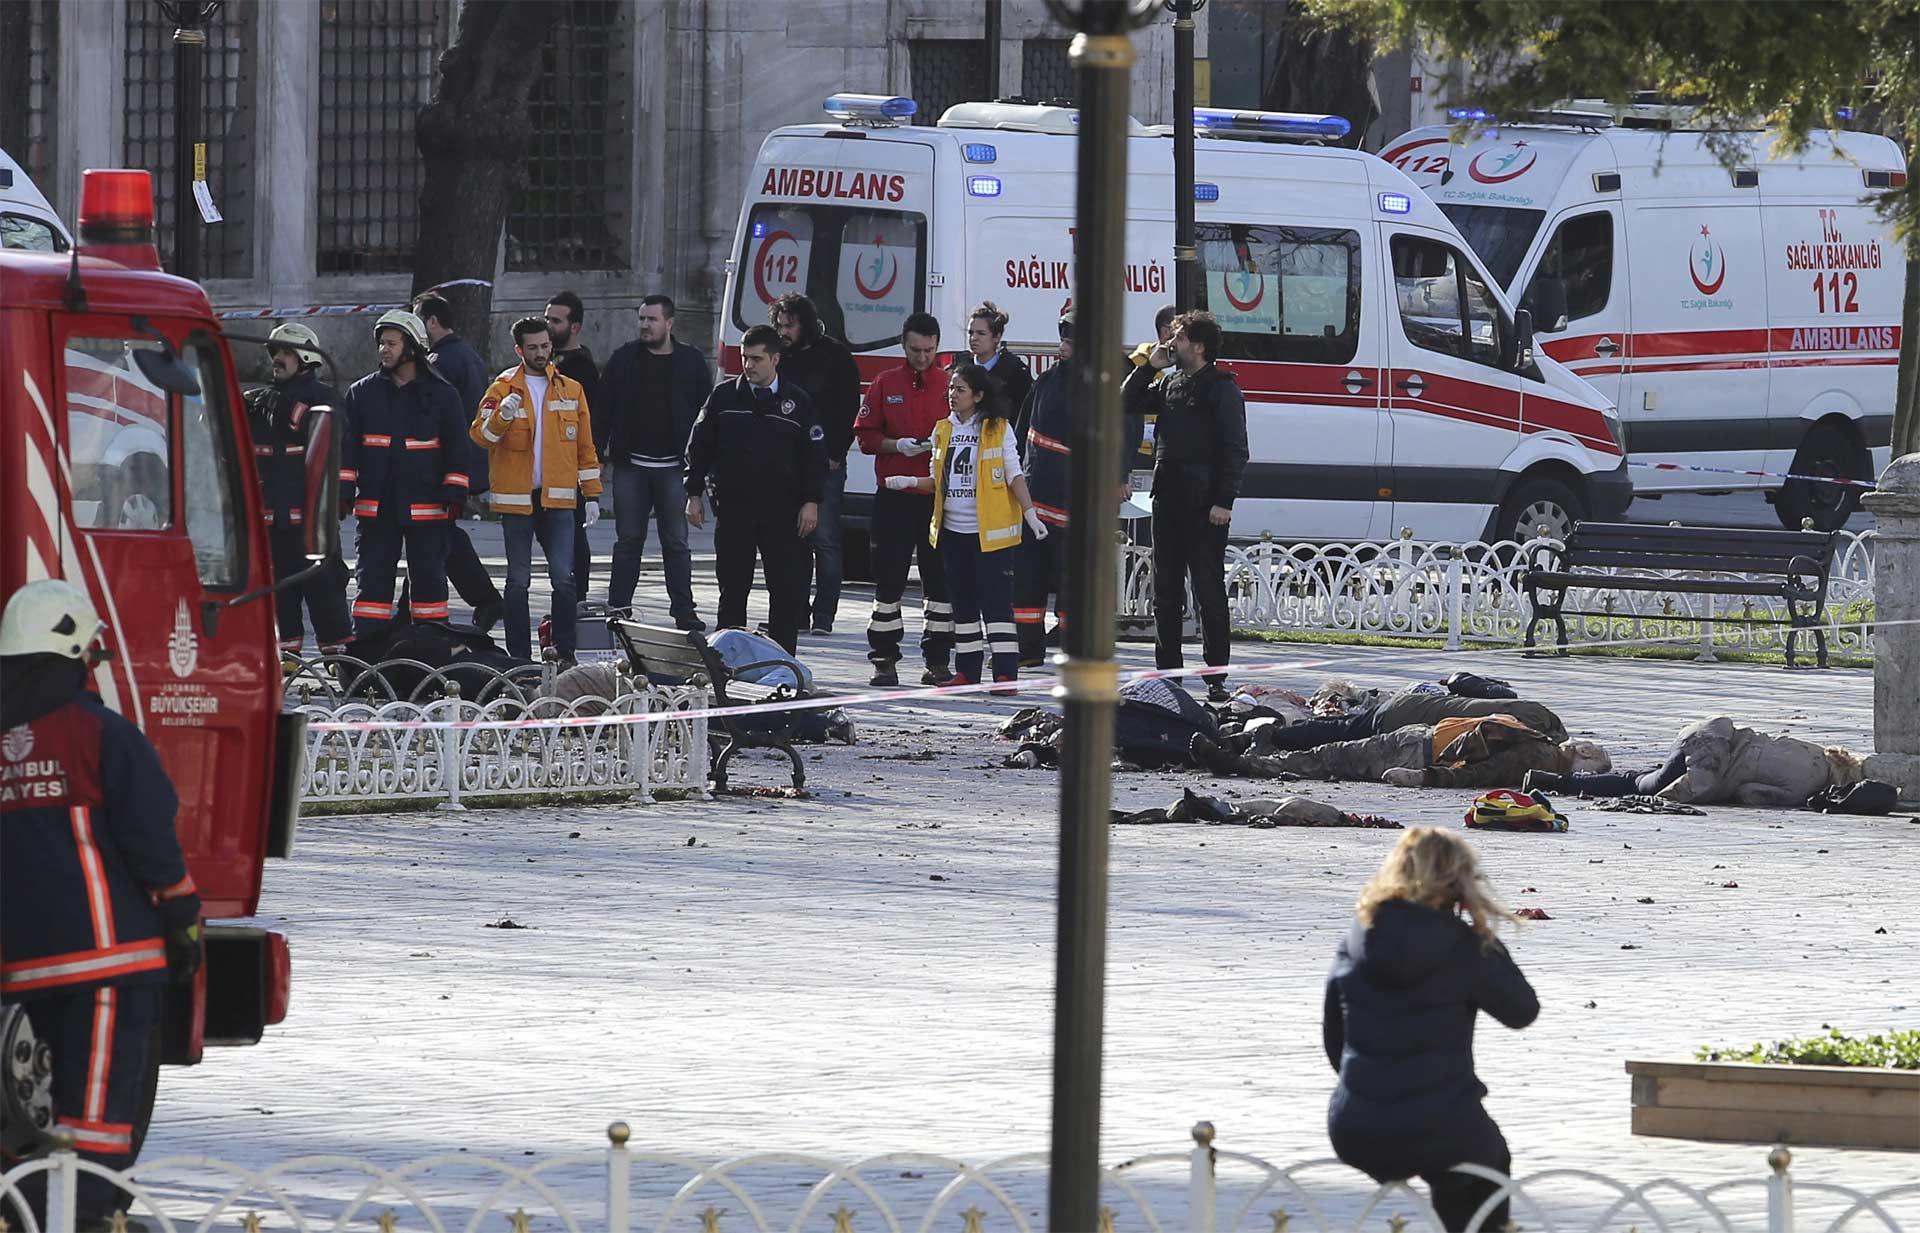 El primer ministro turco, Ahmet Davutoglu, atribuyó el hecho a la milicia terrorista Estado Islámico